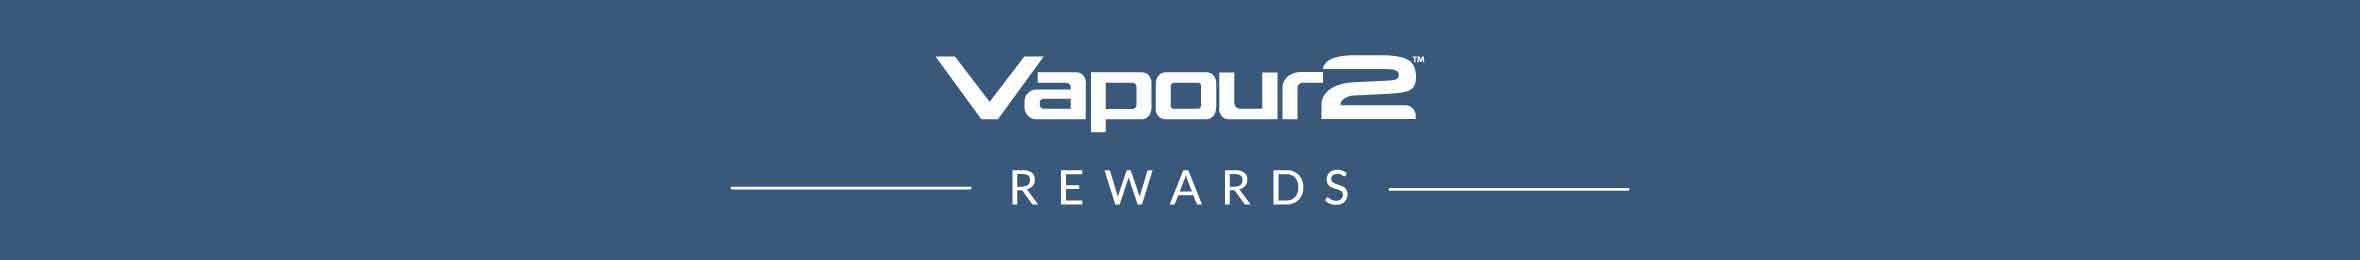 vapour2 rewards